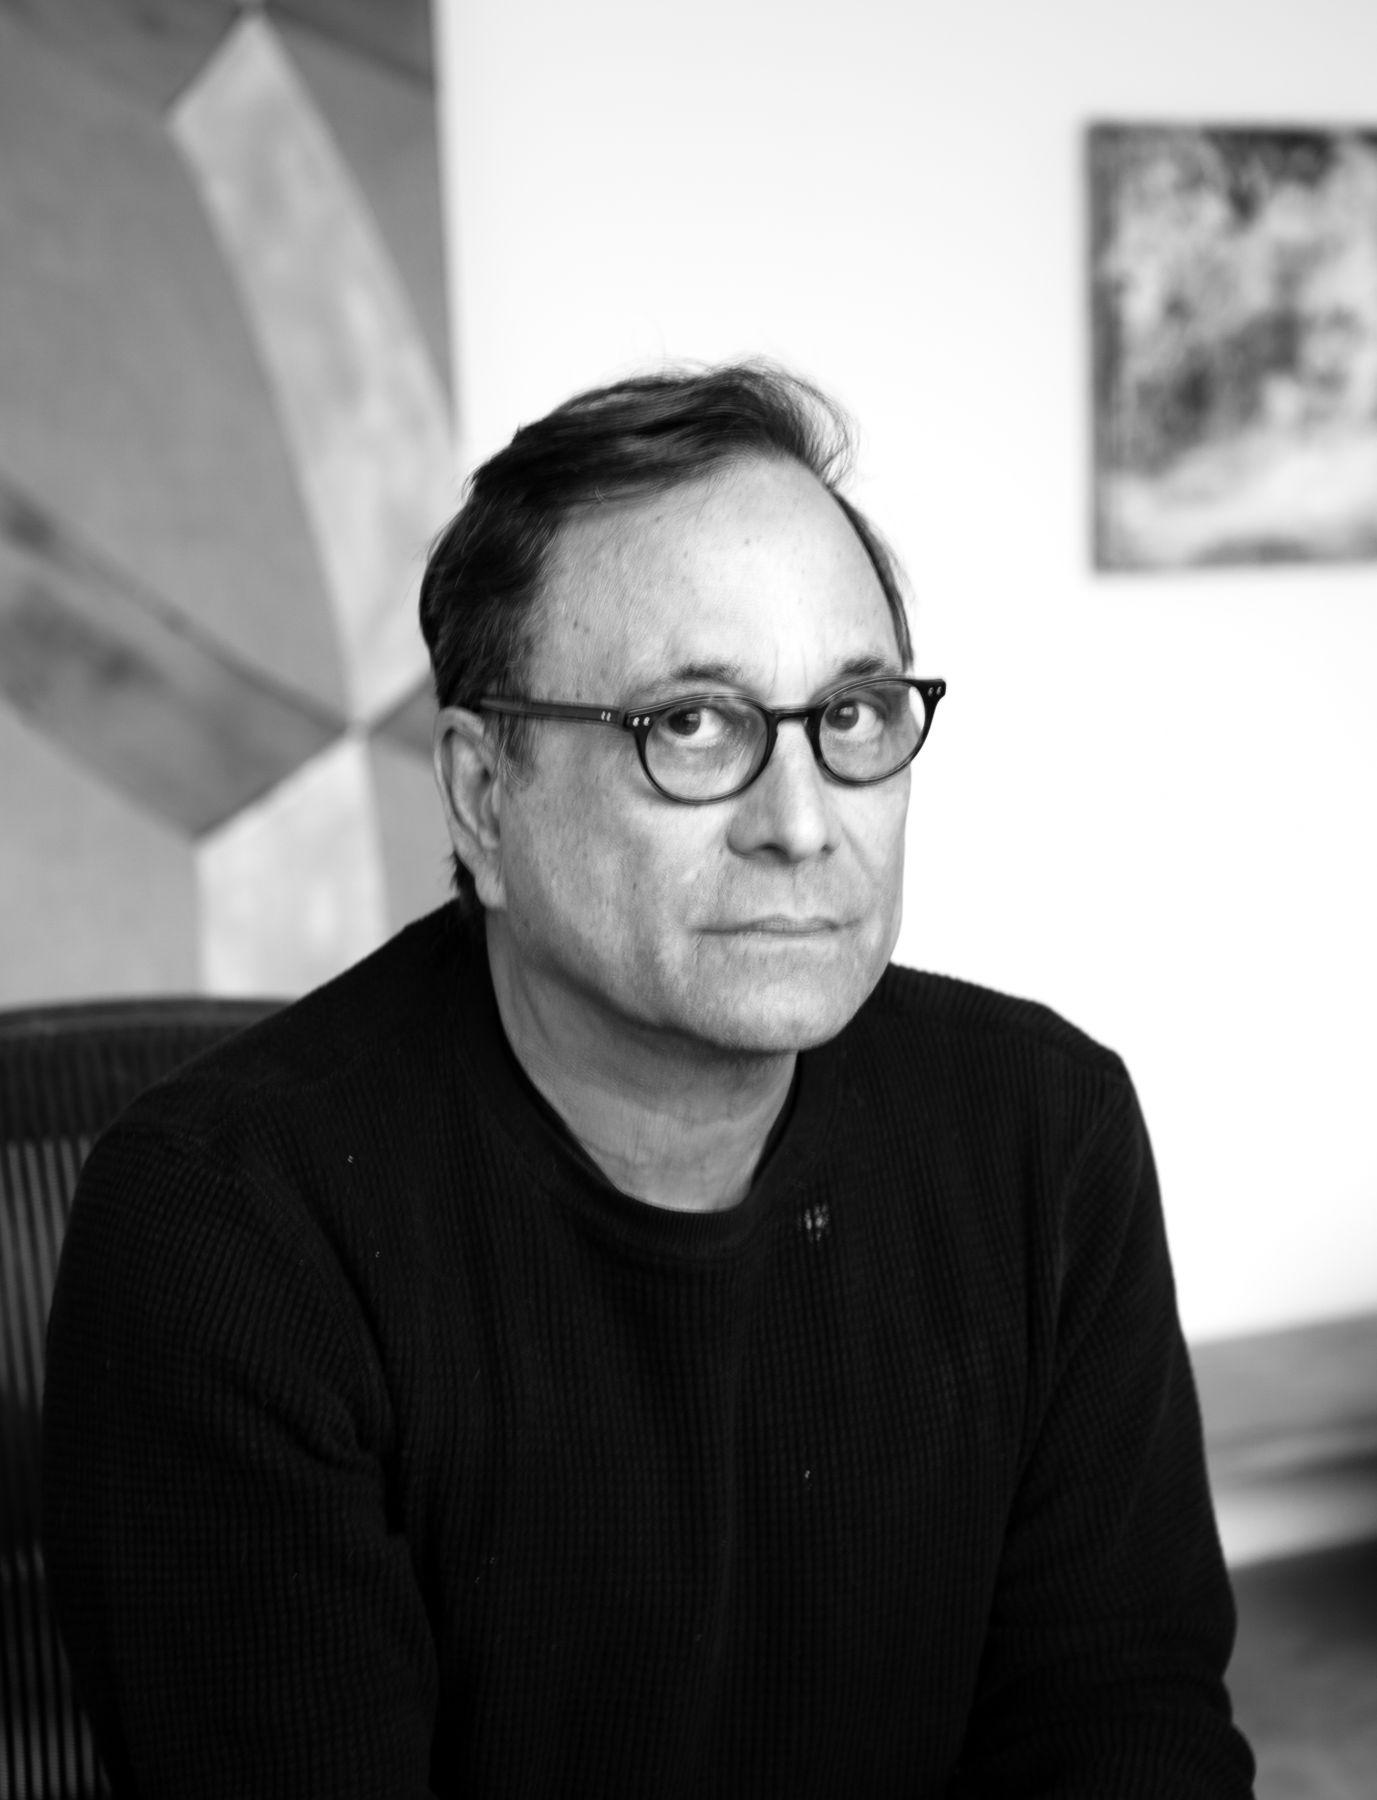 Portrait of Ross Bleckner in black and white